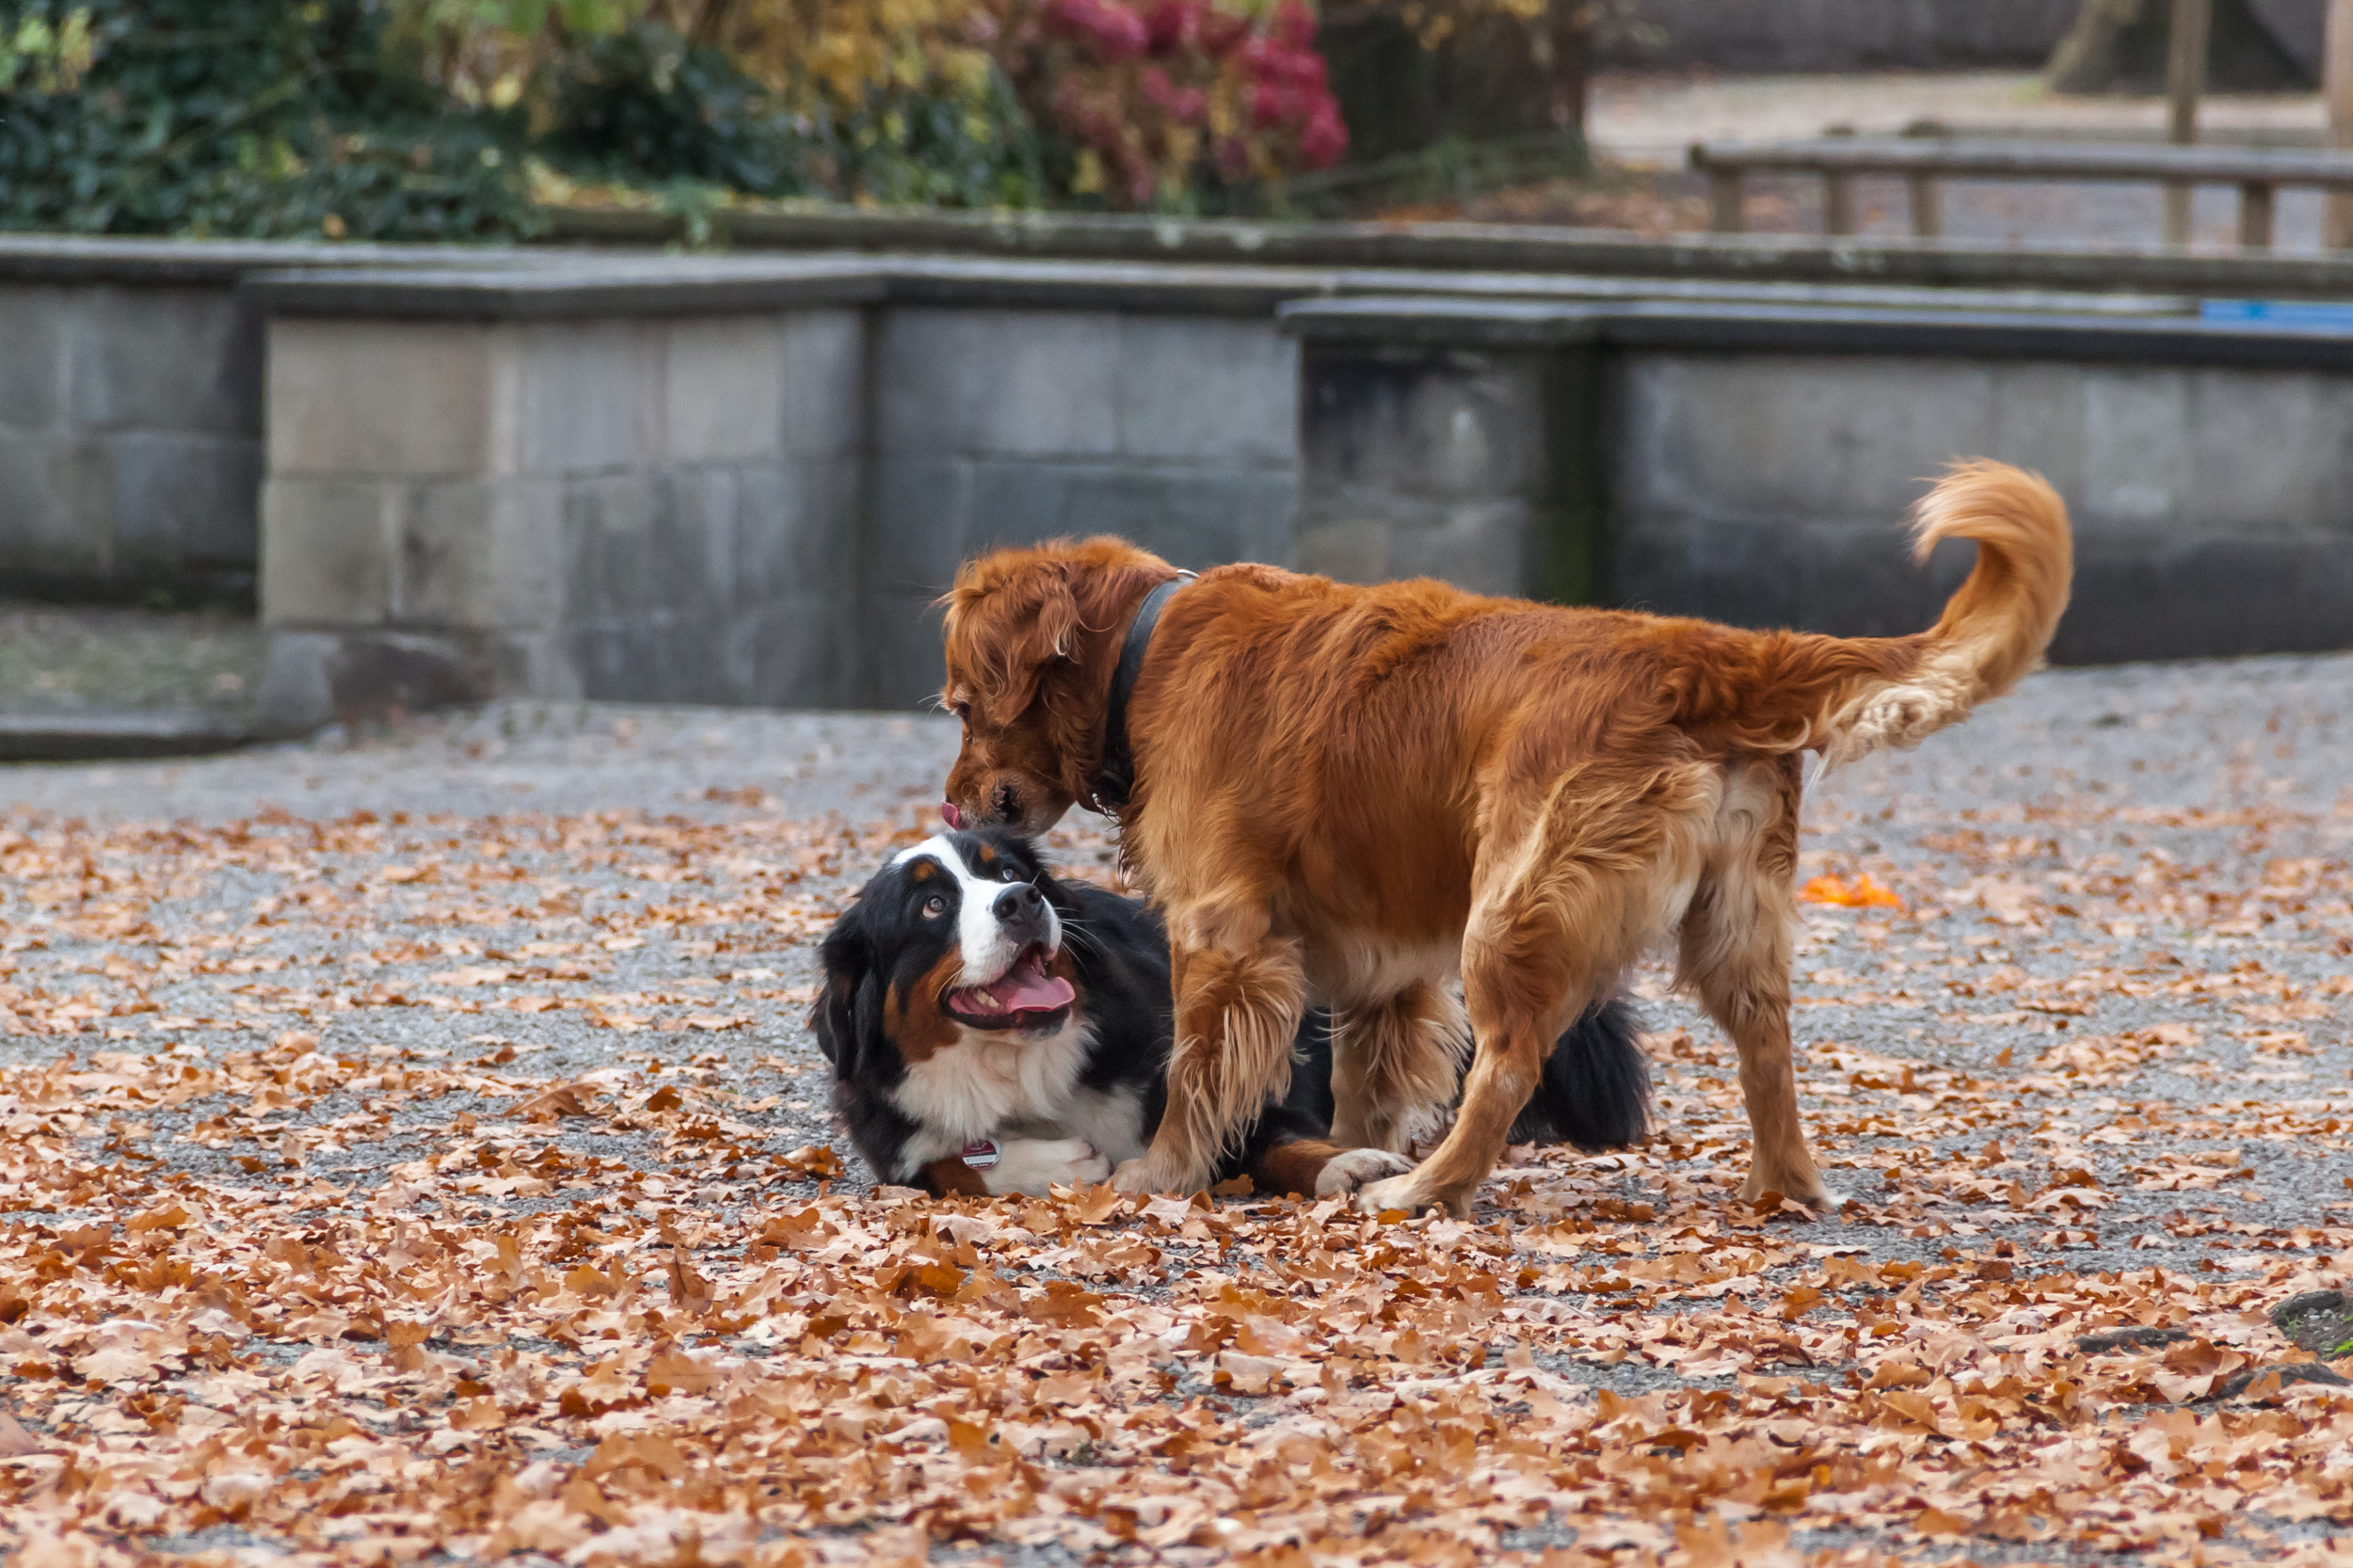 Playing_dogs_in_Lindenhof.JPG